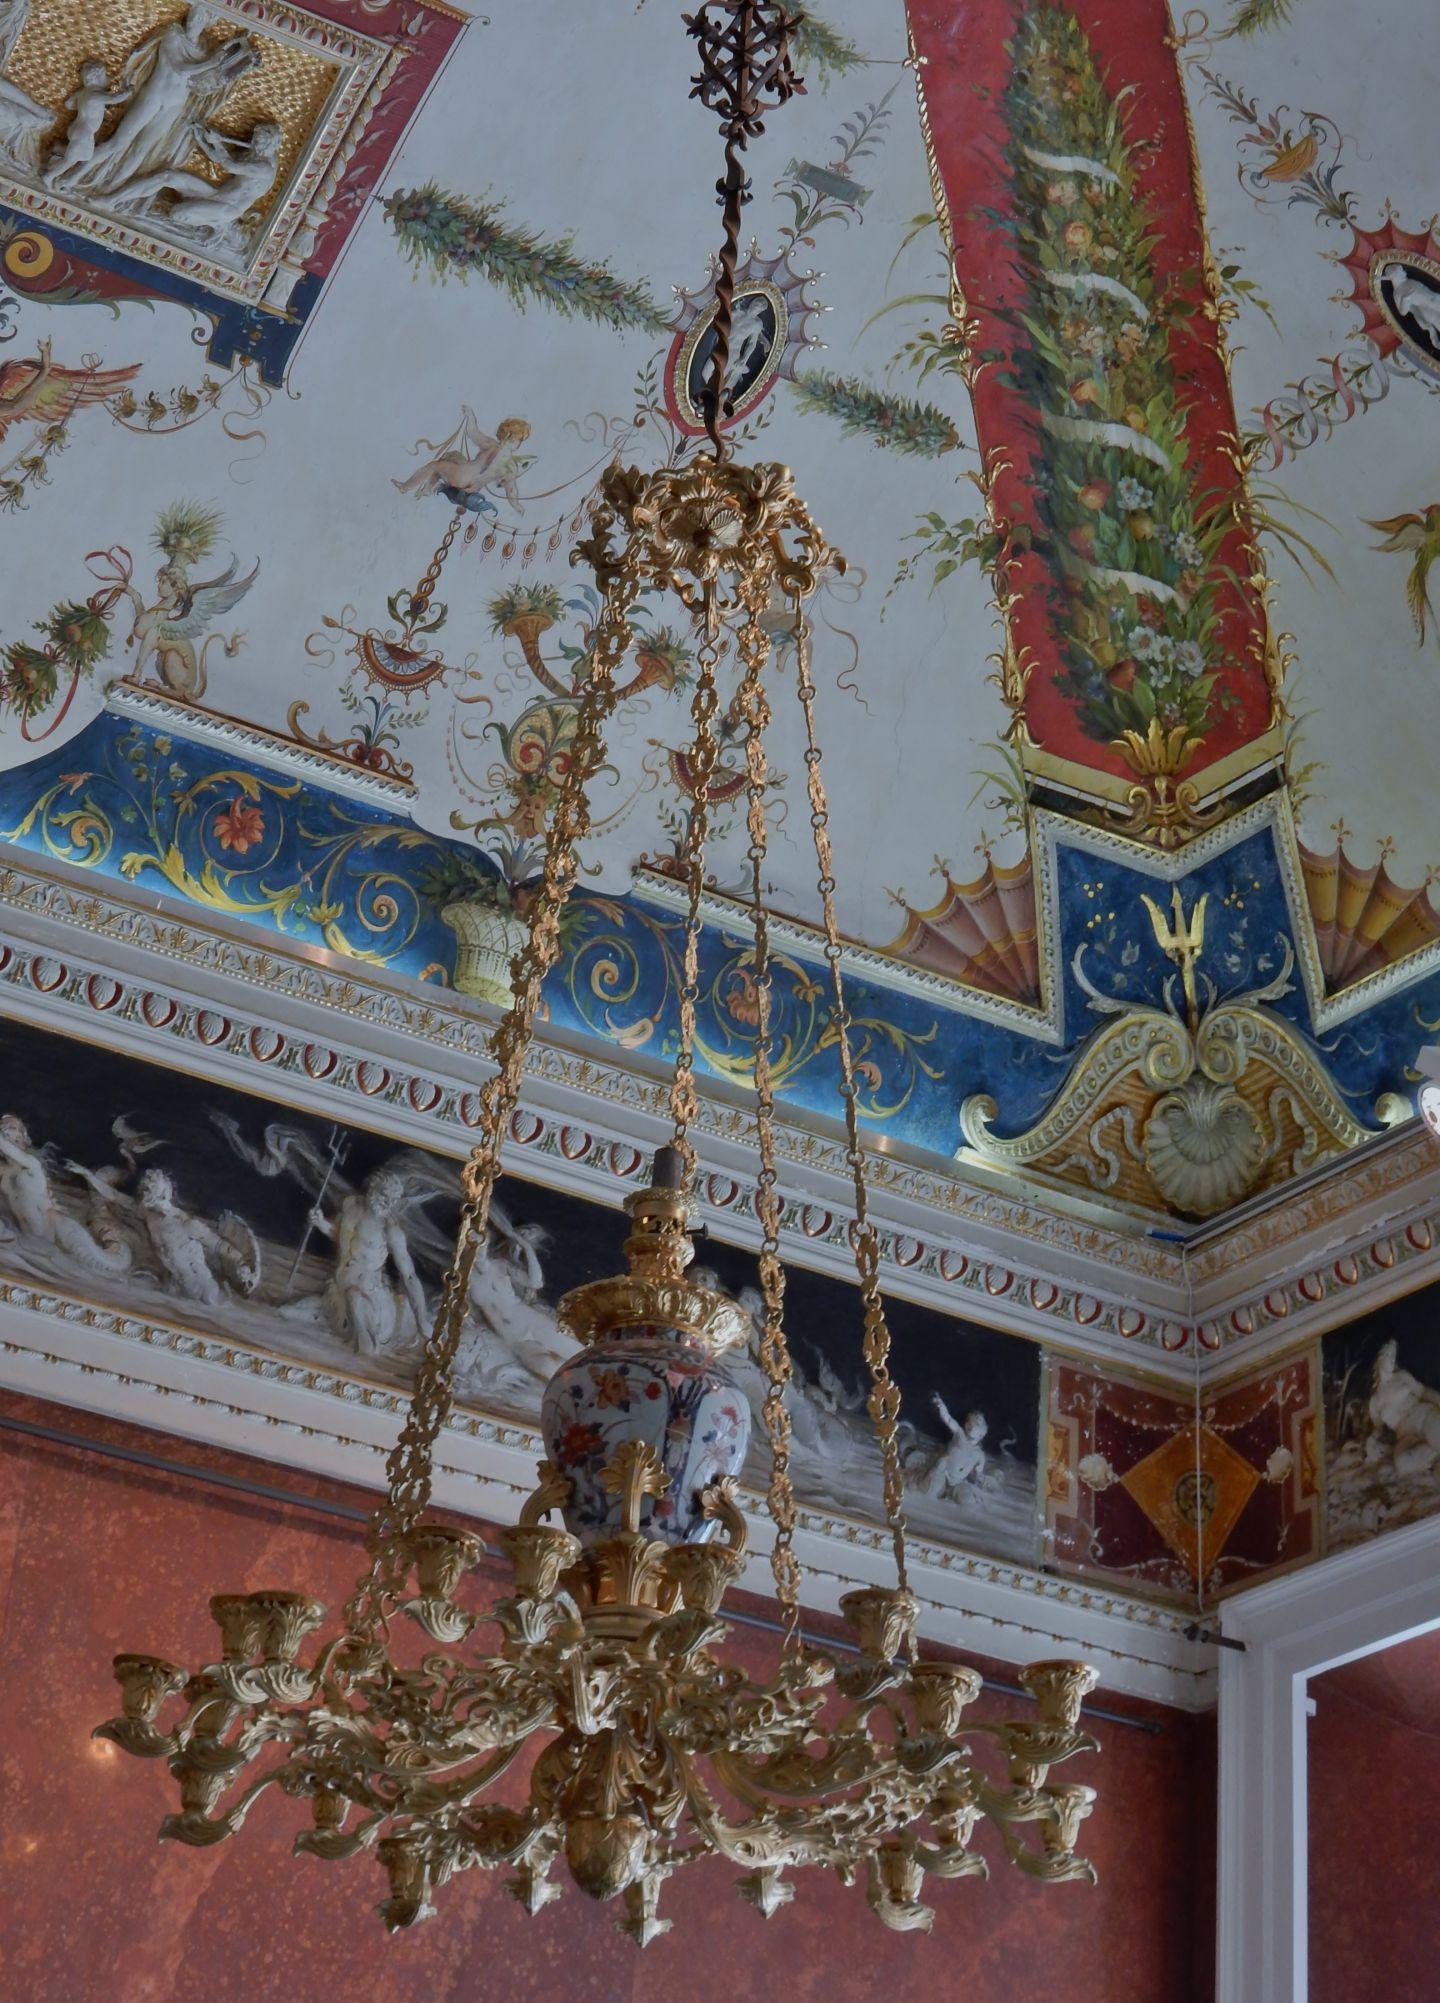 Italie plafond int rieur villa carlotta le voyage par for Le voyage interieur